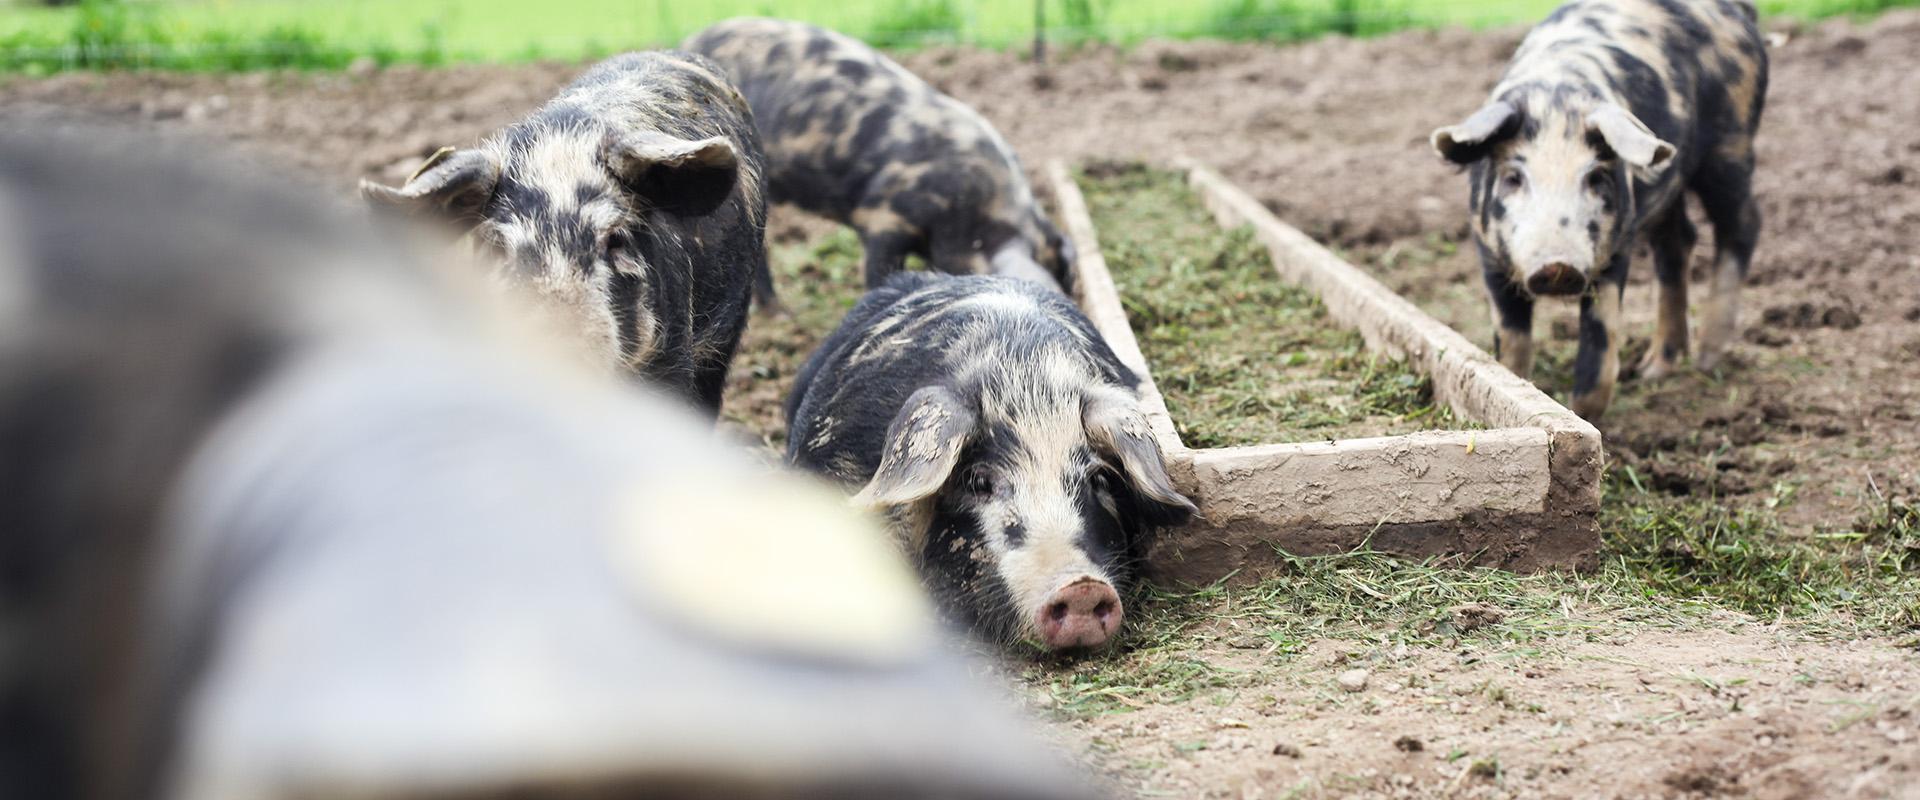 Schweine1_slider